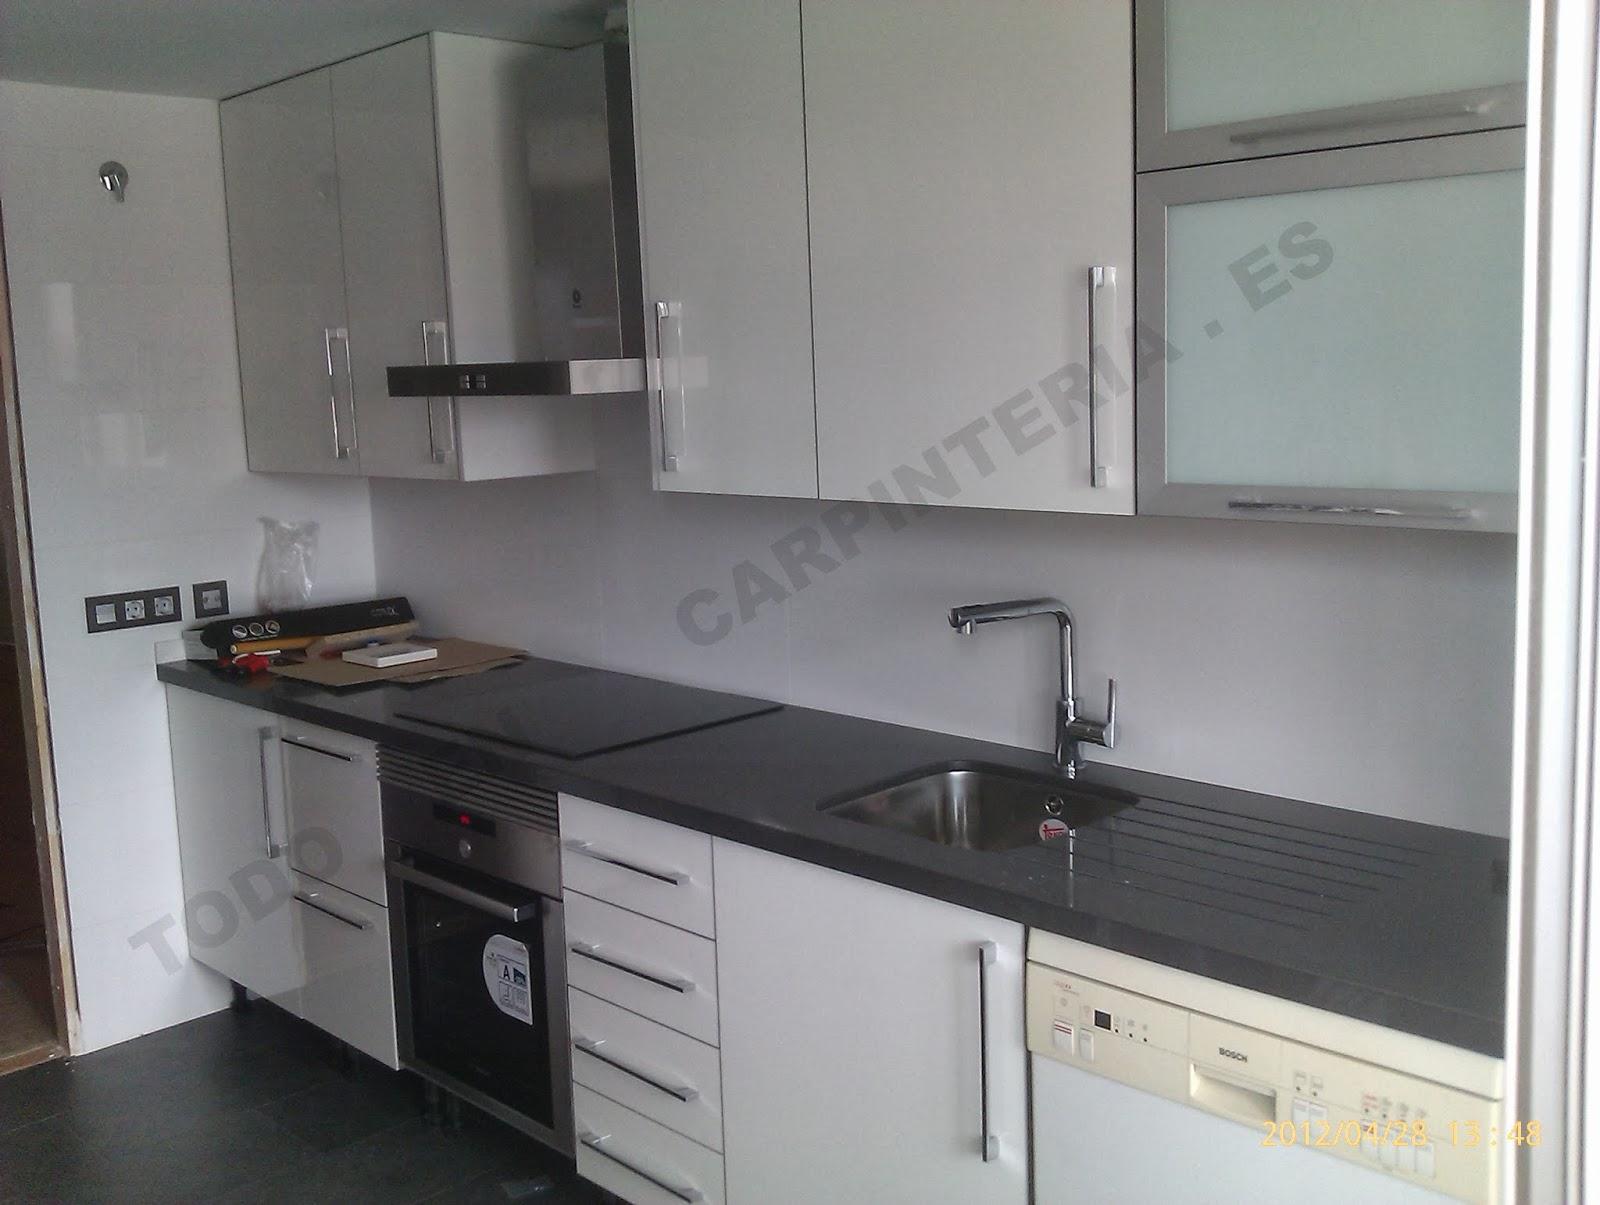 Muebles de cocina con puertas blancas de luxe.